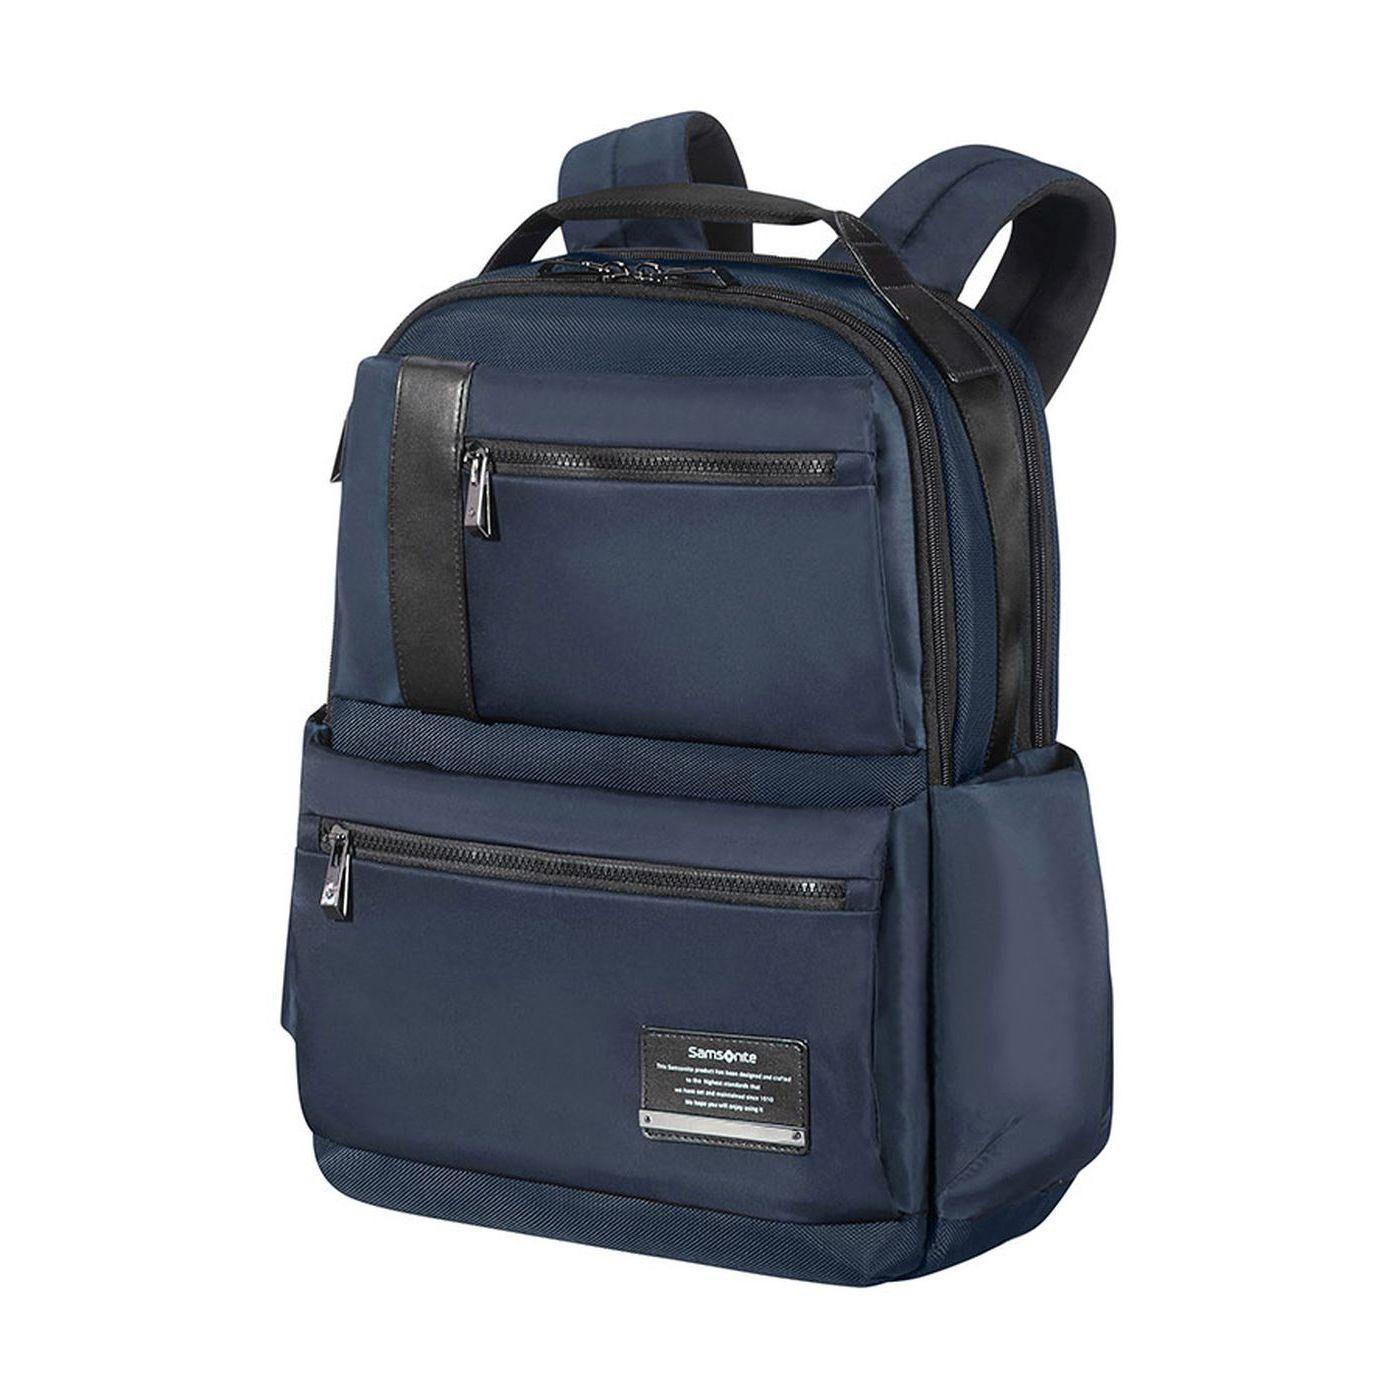 Batoh na notebook Samsonite Openroad Laptop Backpack 15 4b528f355e6